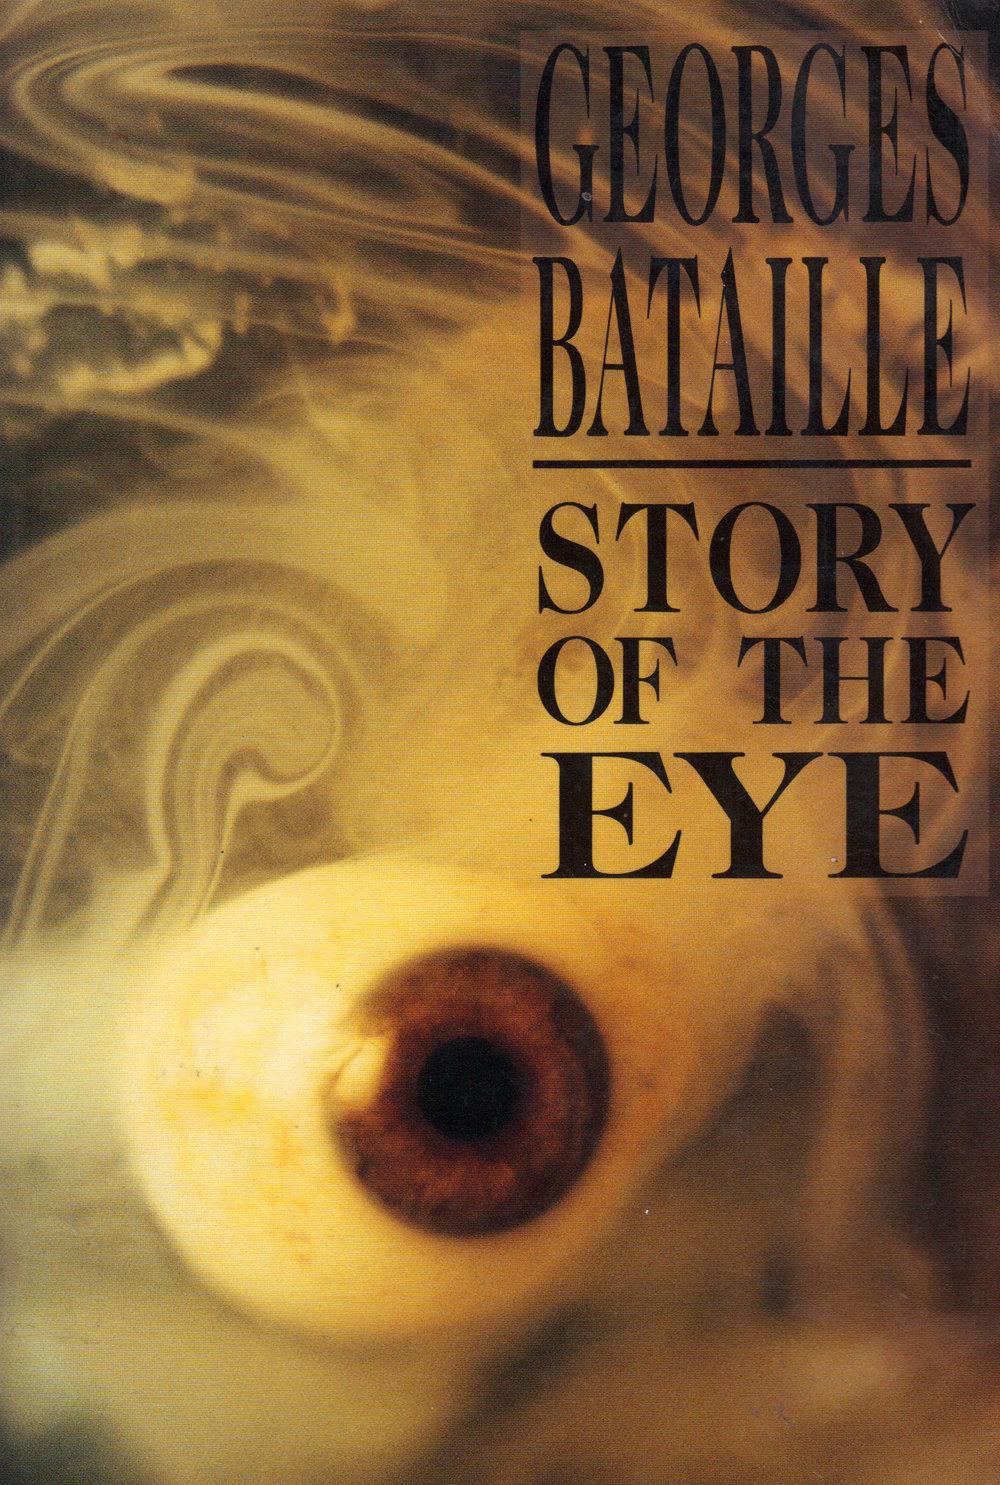 bataille-StoryOTheEye.jpg